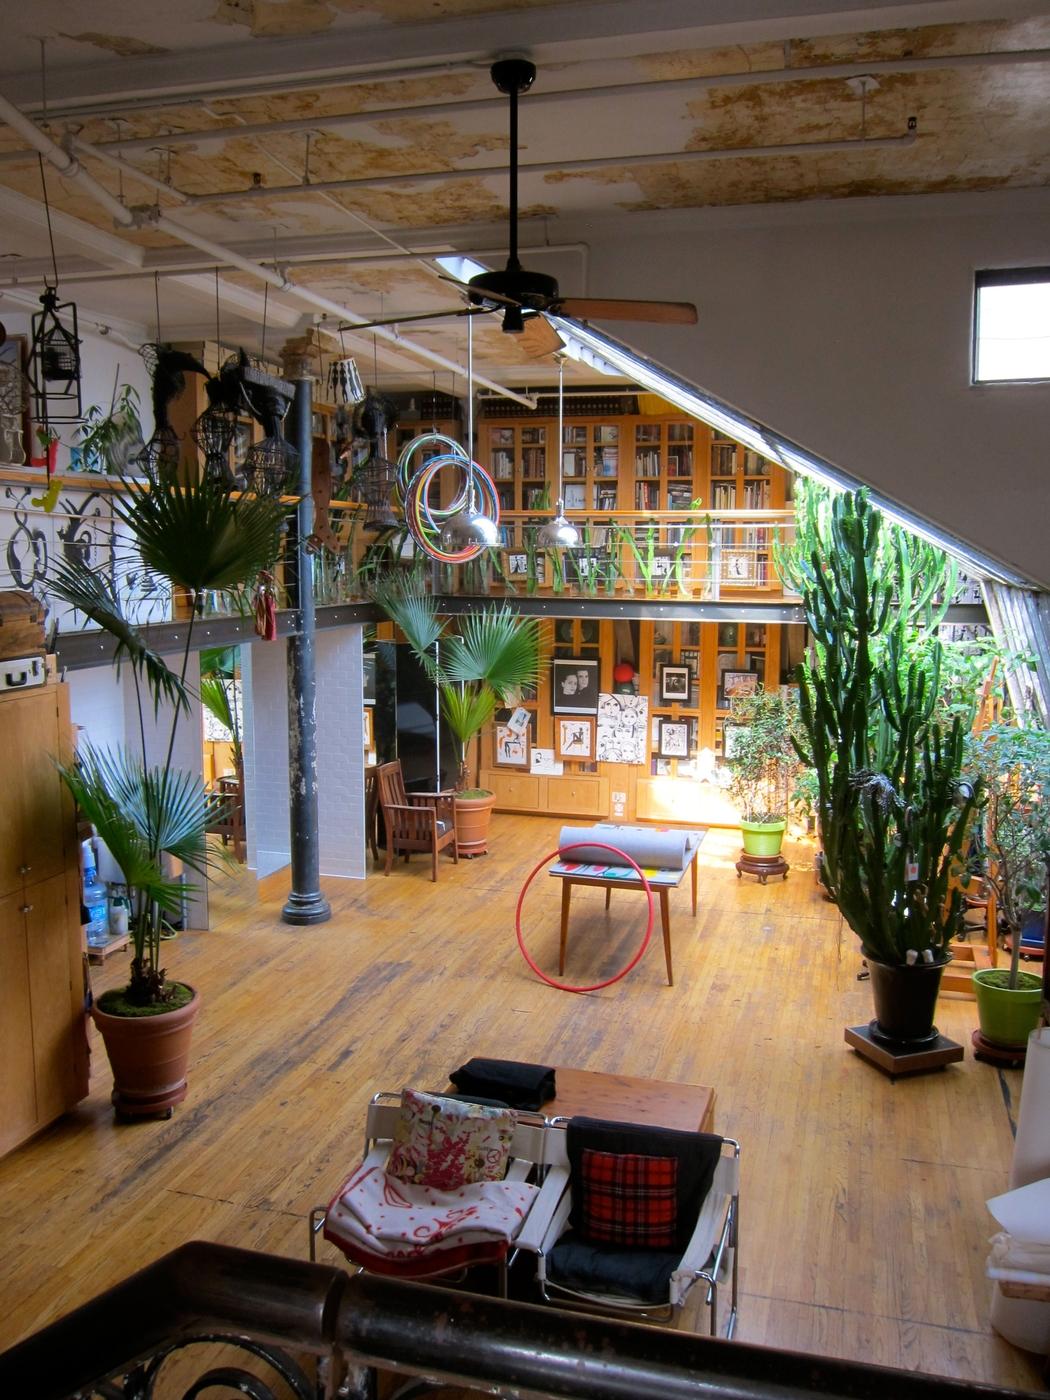 [plants] [desk] space